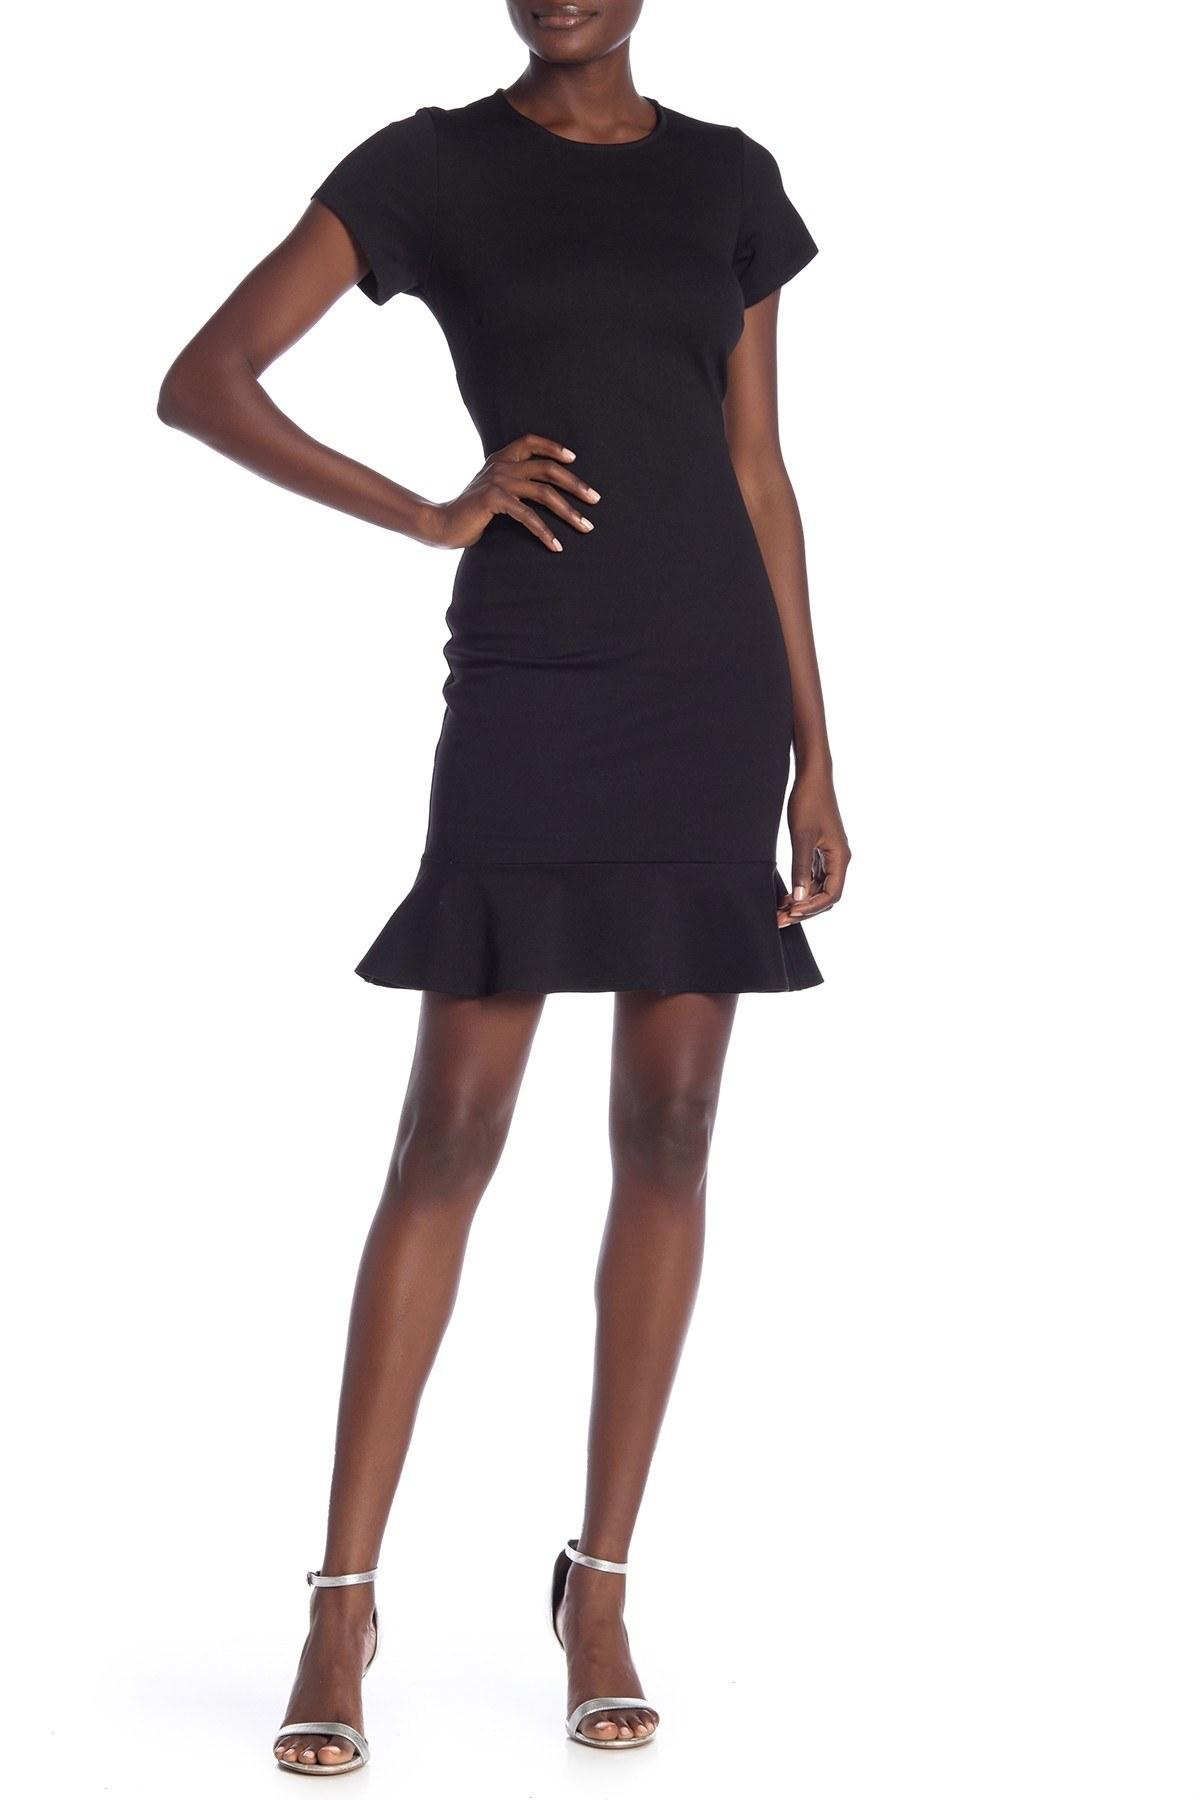 9e7effcc5d75 Nordstrom Rack Semi Formal Dresses